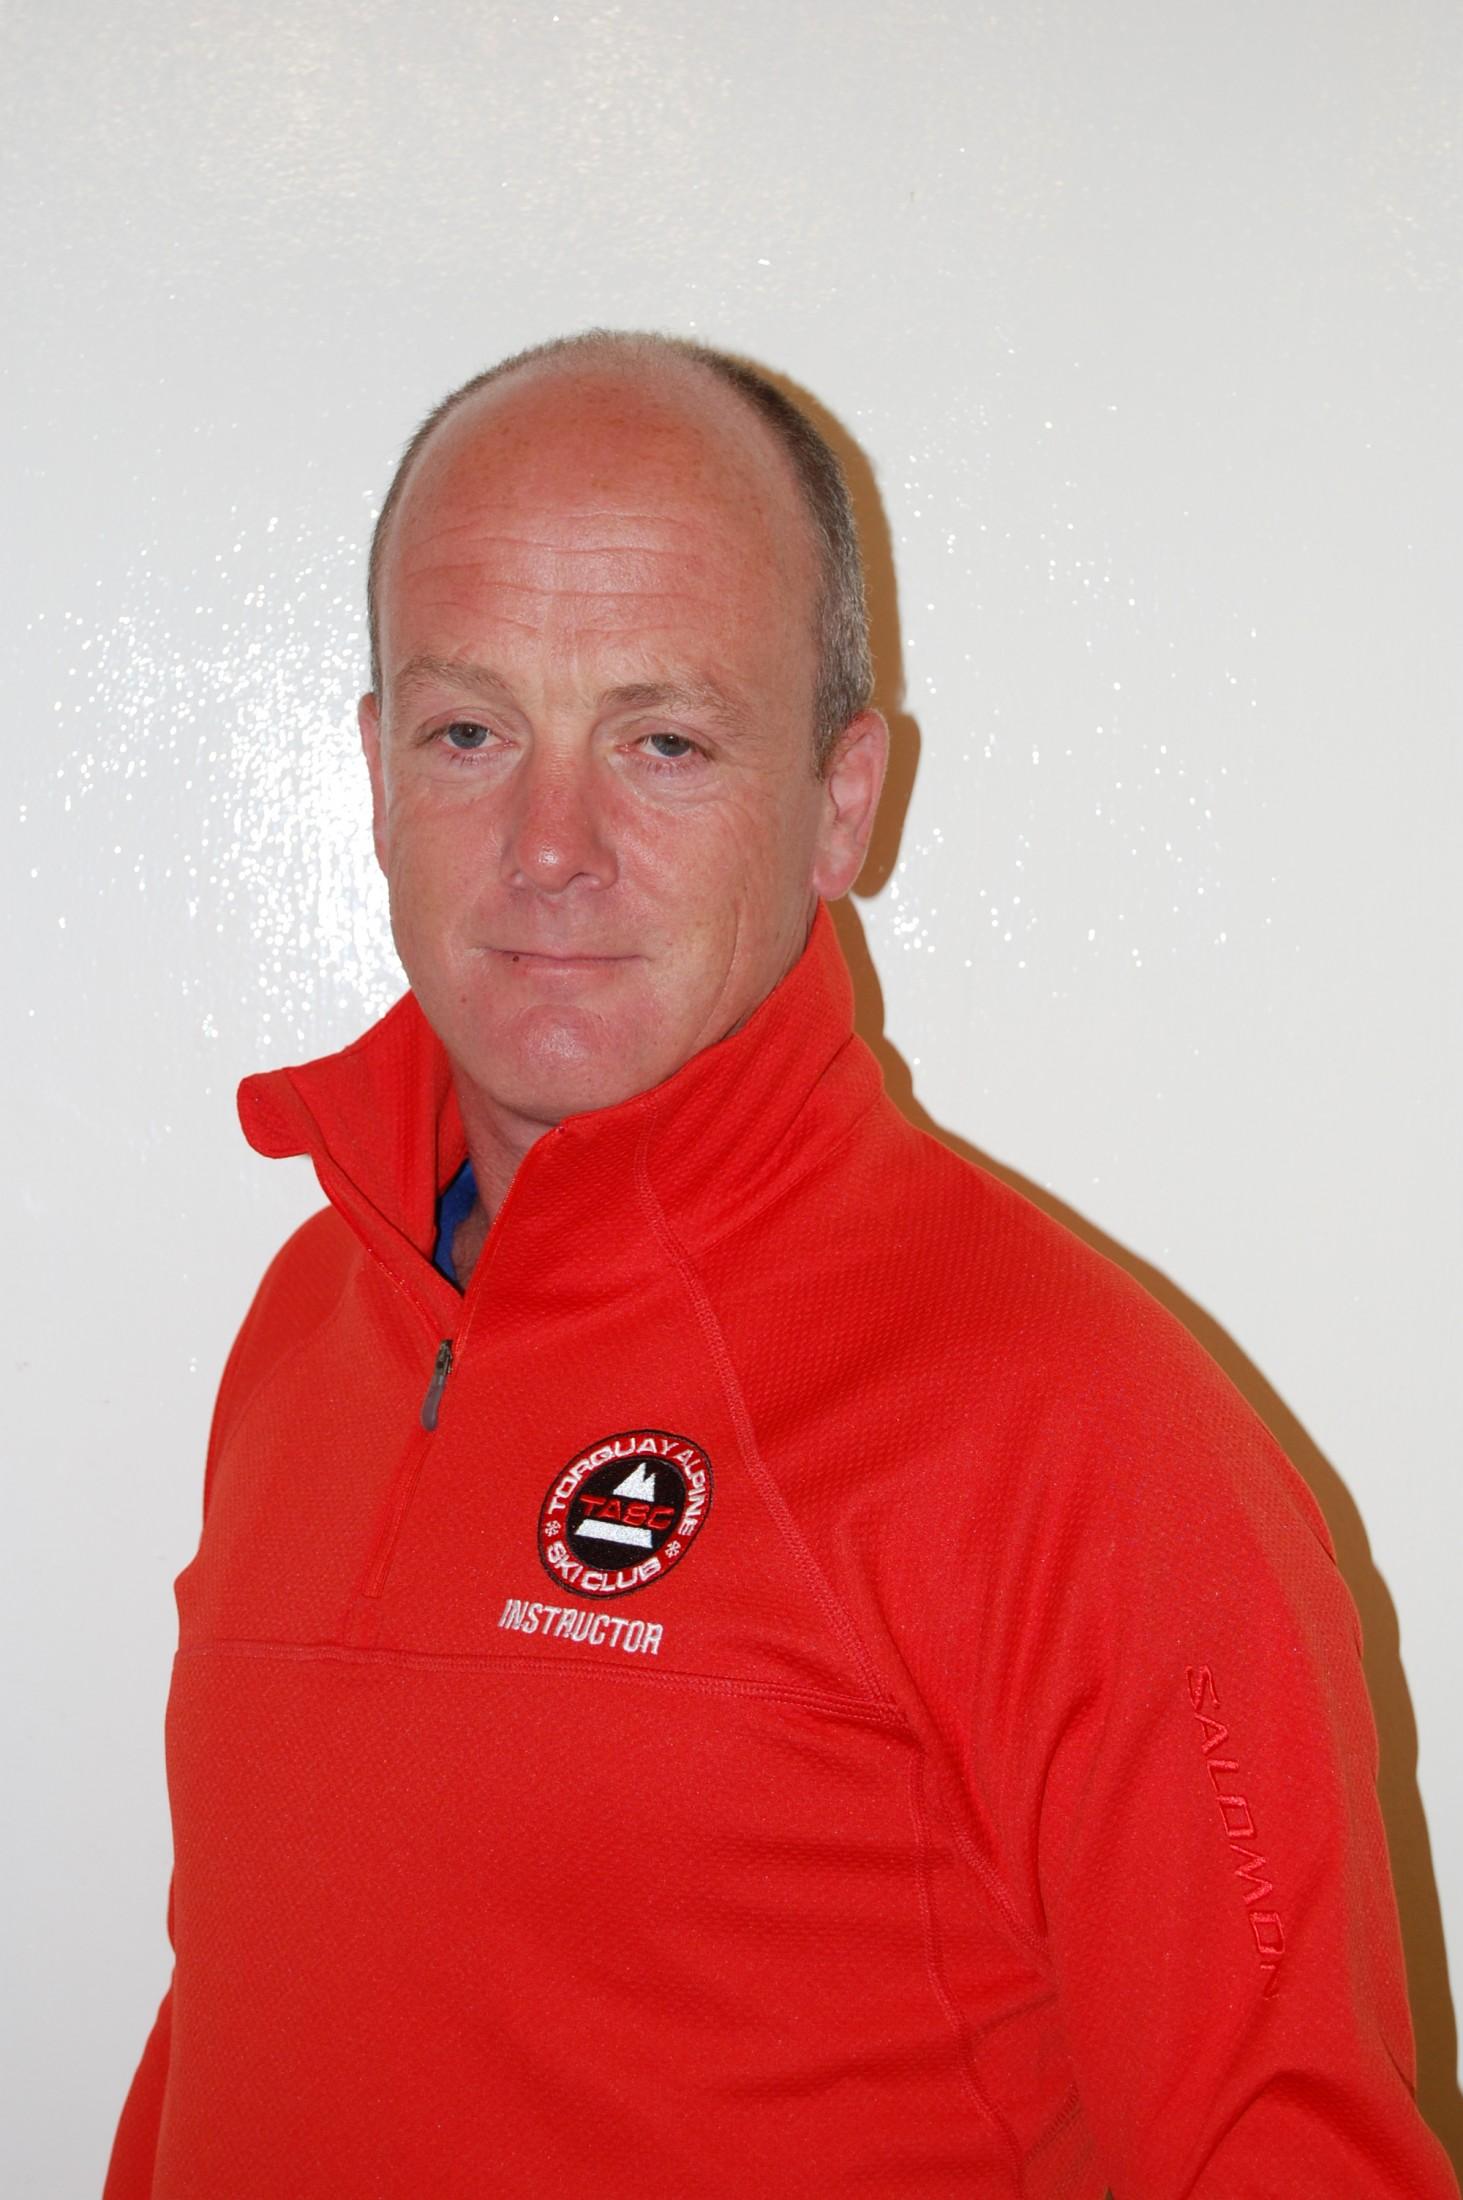 Rick McAuley